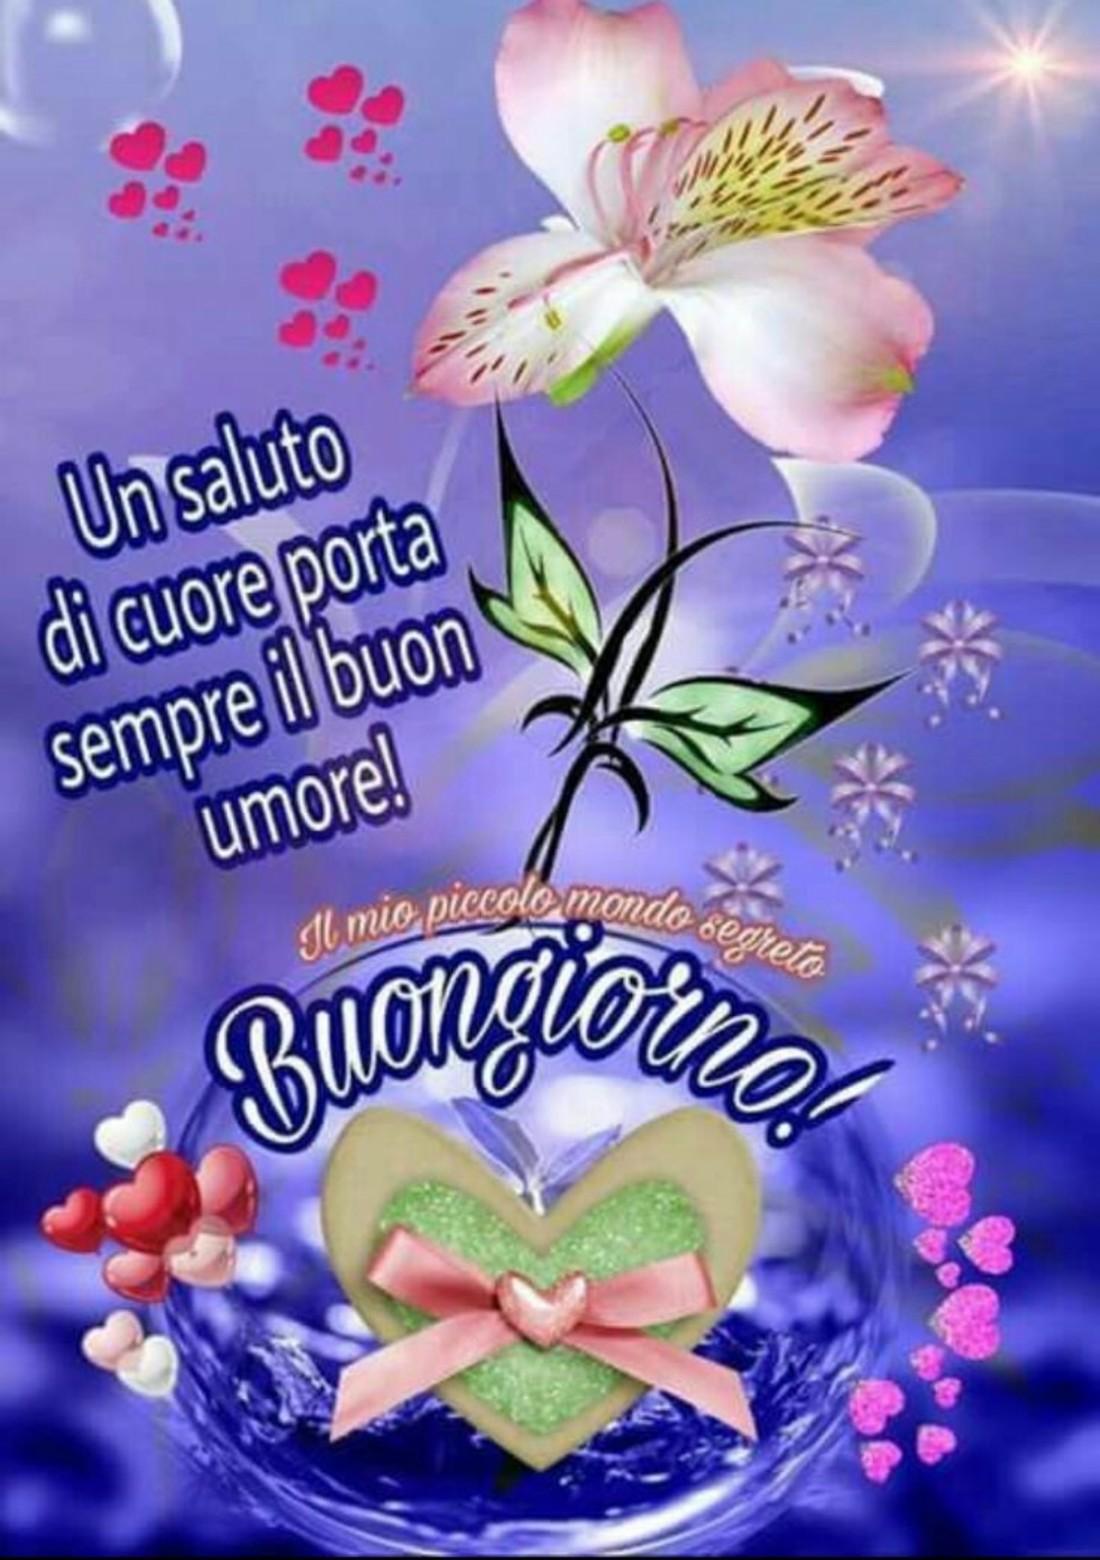 Frasi Buongiorno Ad Una Persona Speciale 8010 Archives